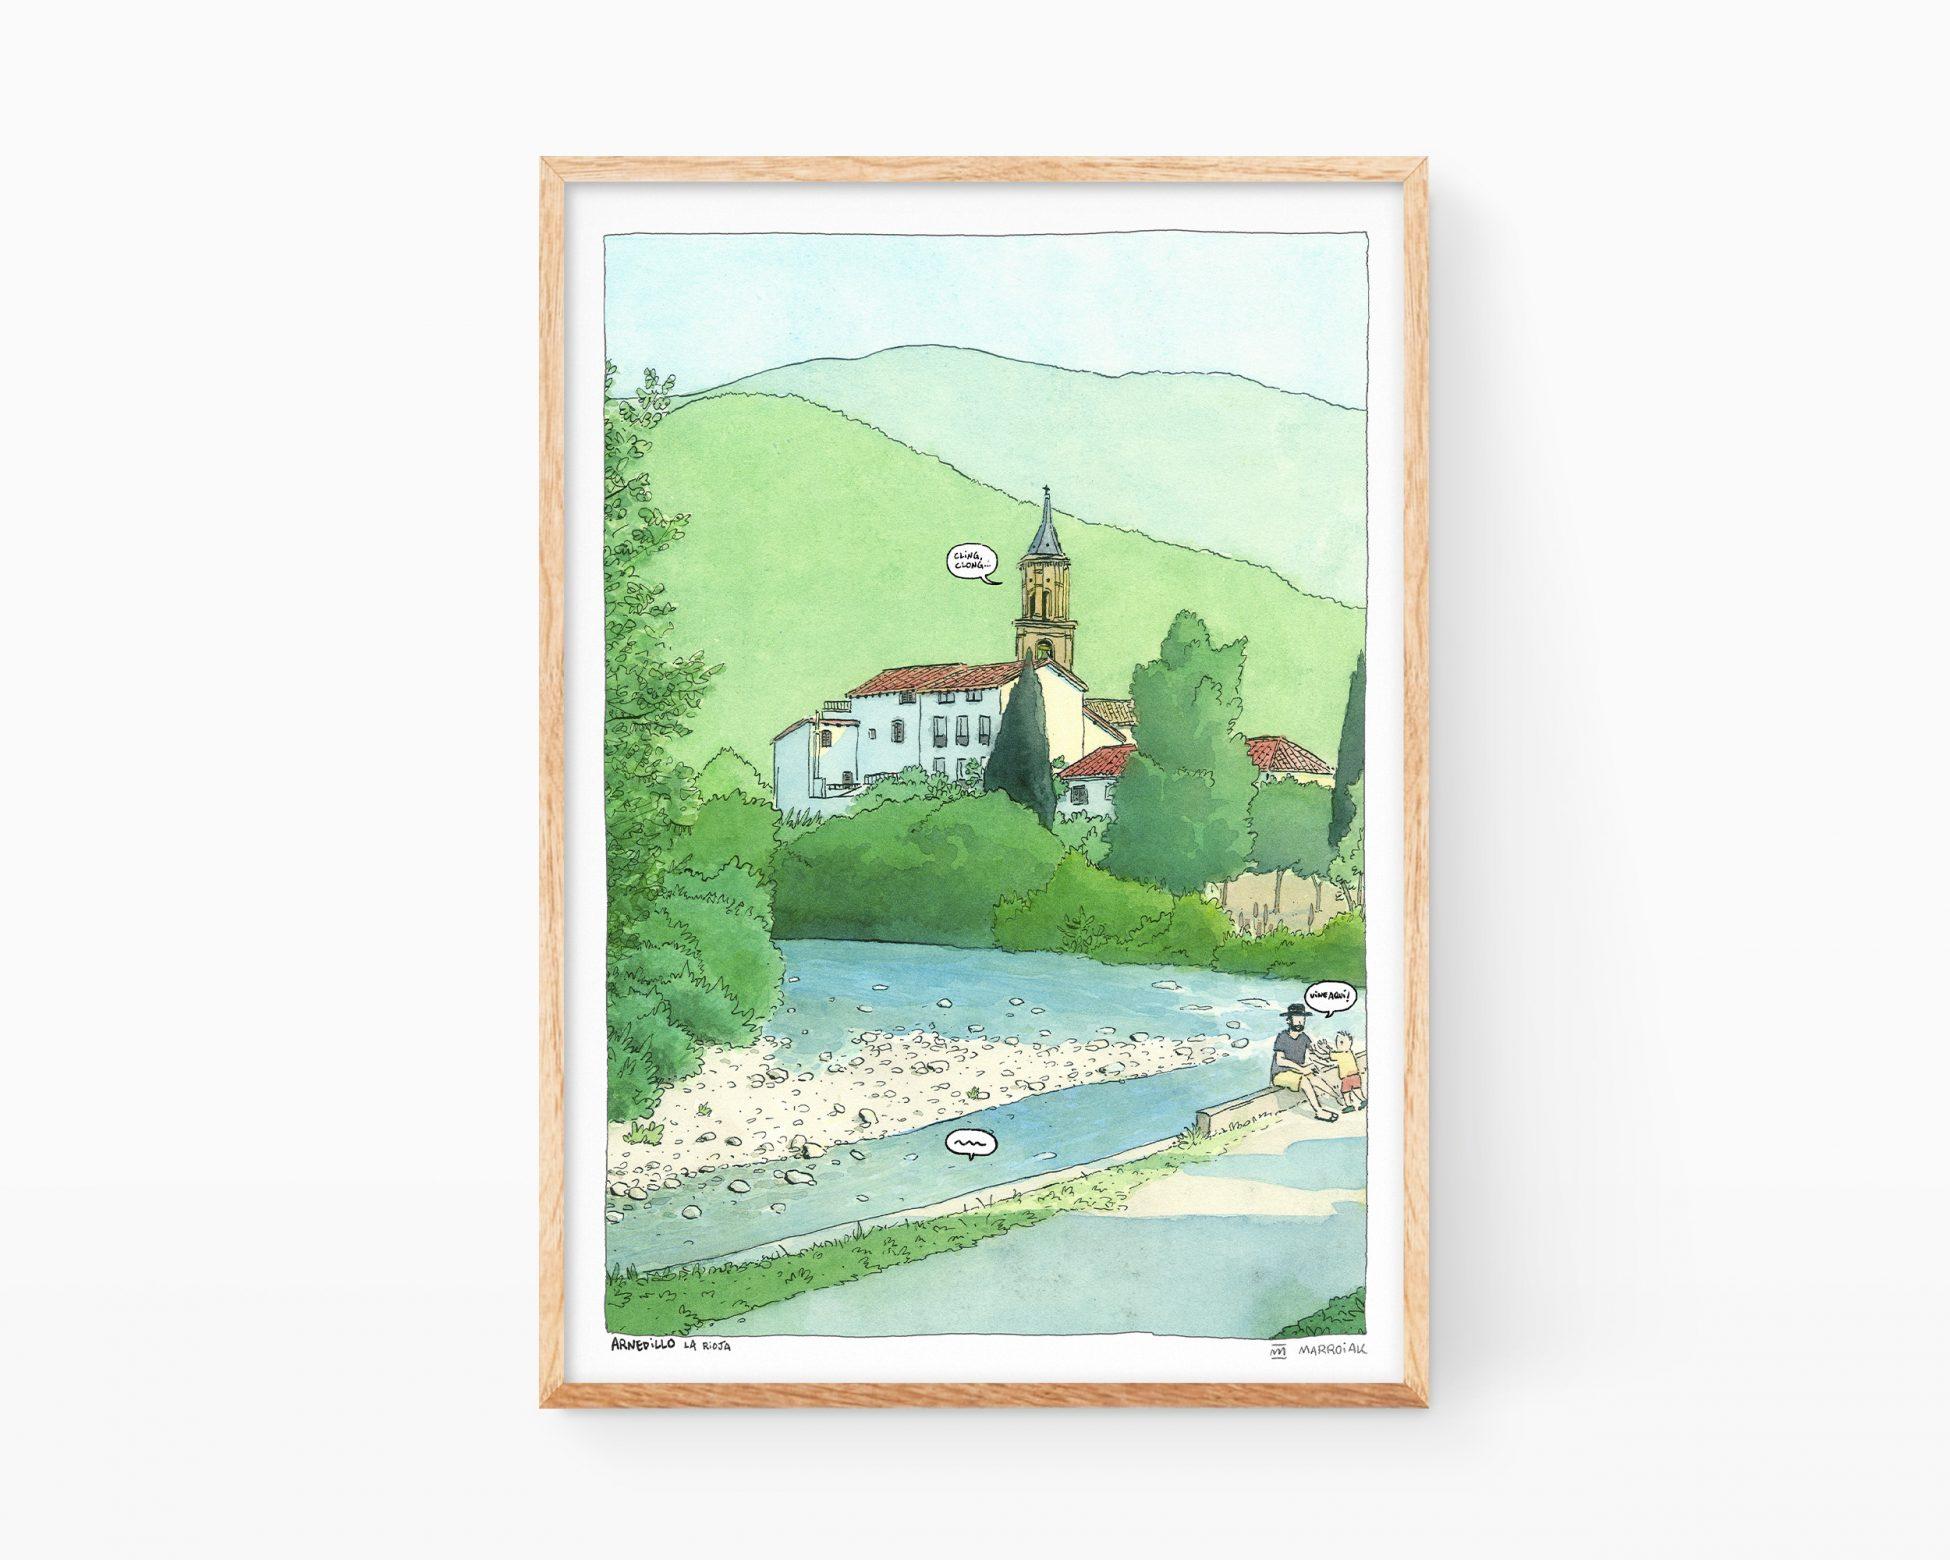 Cuadro decorativo para enmarcar con una ilustración del Rio Cidacos a la altura del municipio de Arnedillo en La Rioja (España). Láminas de viajes y recuerdos del norte de la Península Ibérica.